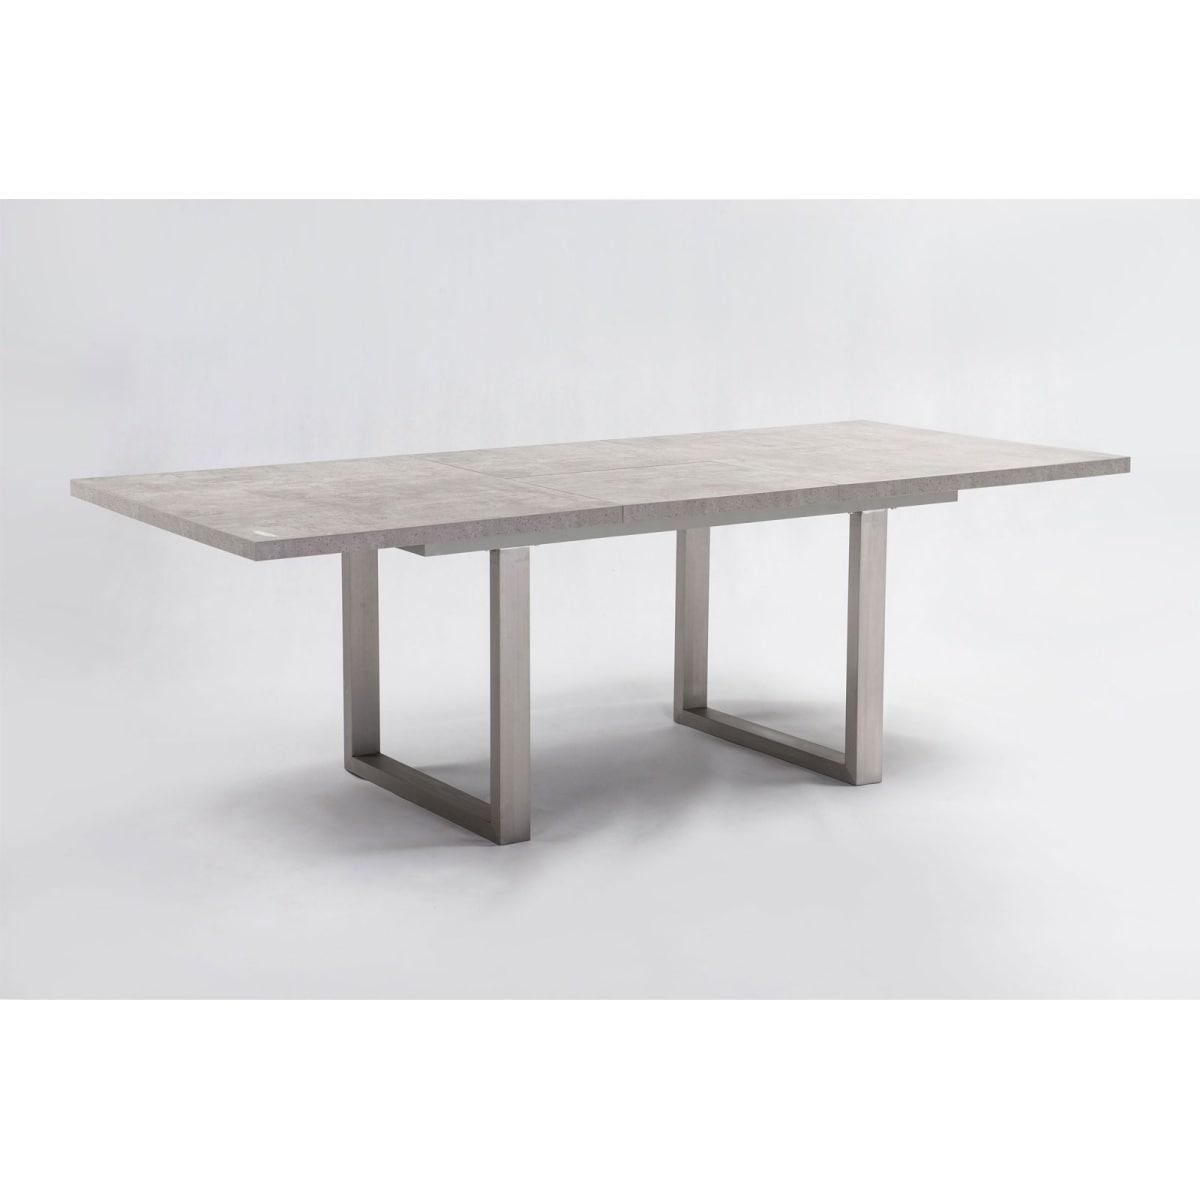 Tisch in betonoptik best tisch in betonoptik with tisch for Couchtisch in betonoptik